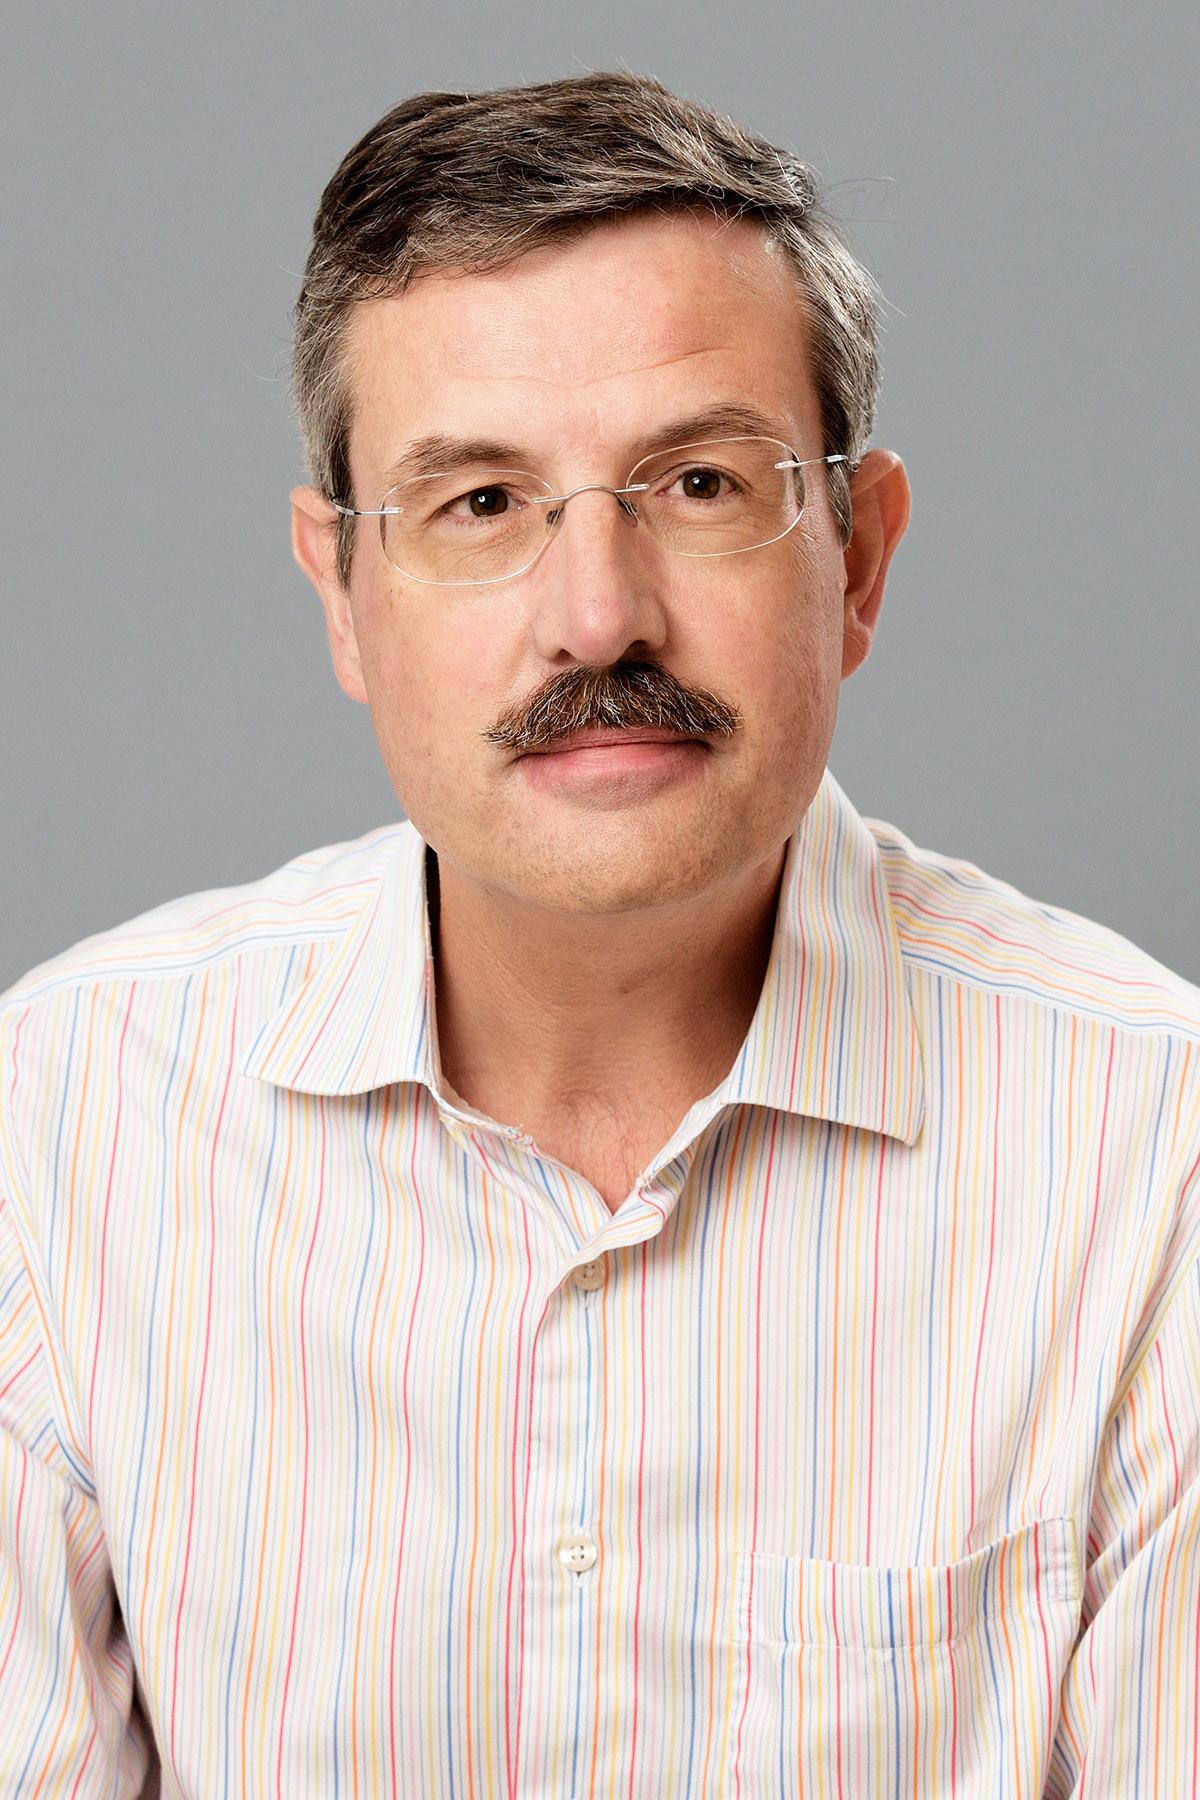 Genderen, dr.ir. M.H.P. van